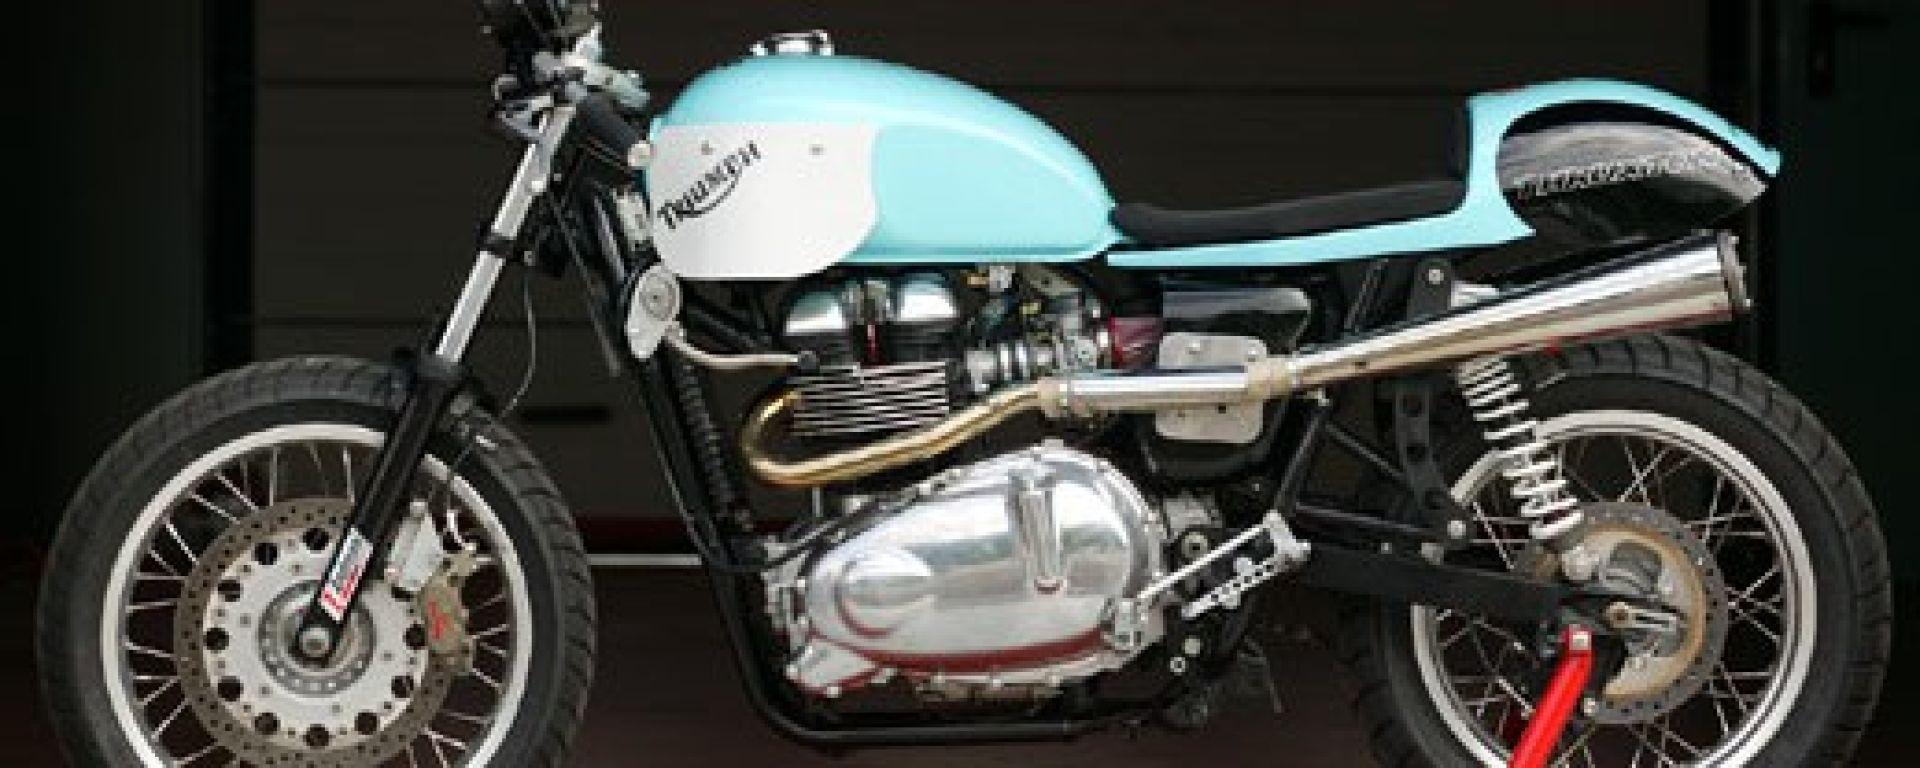 Triumph Thruxton 900 Cup